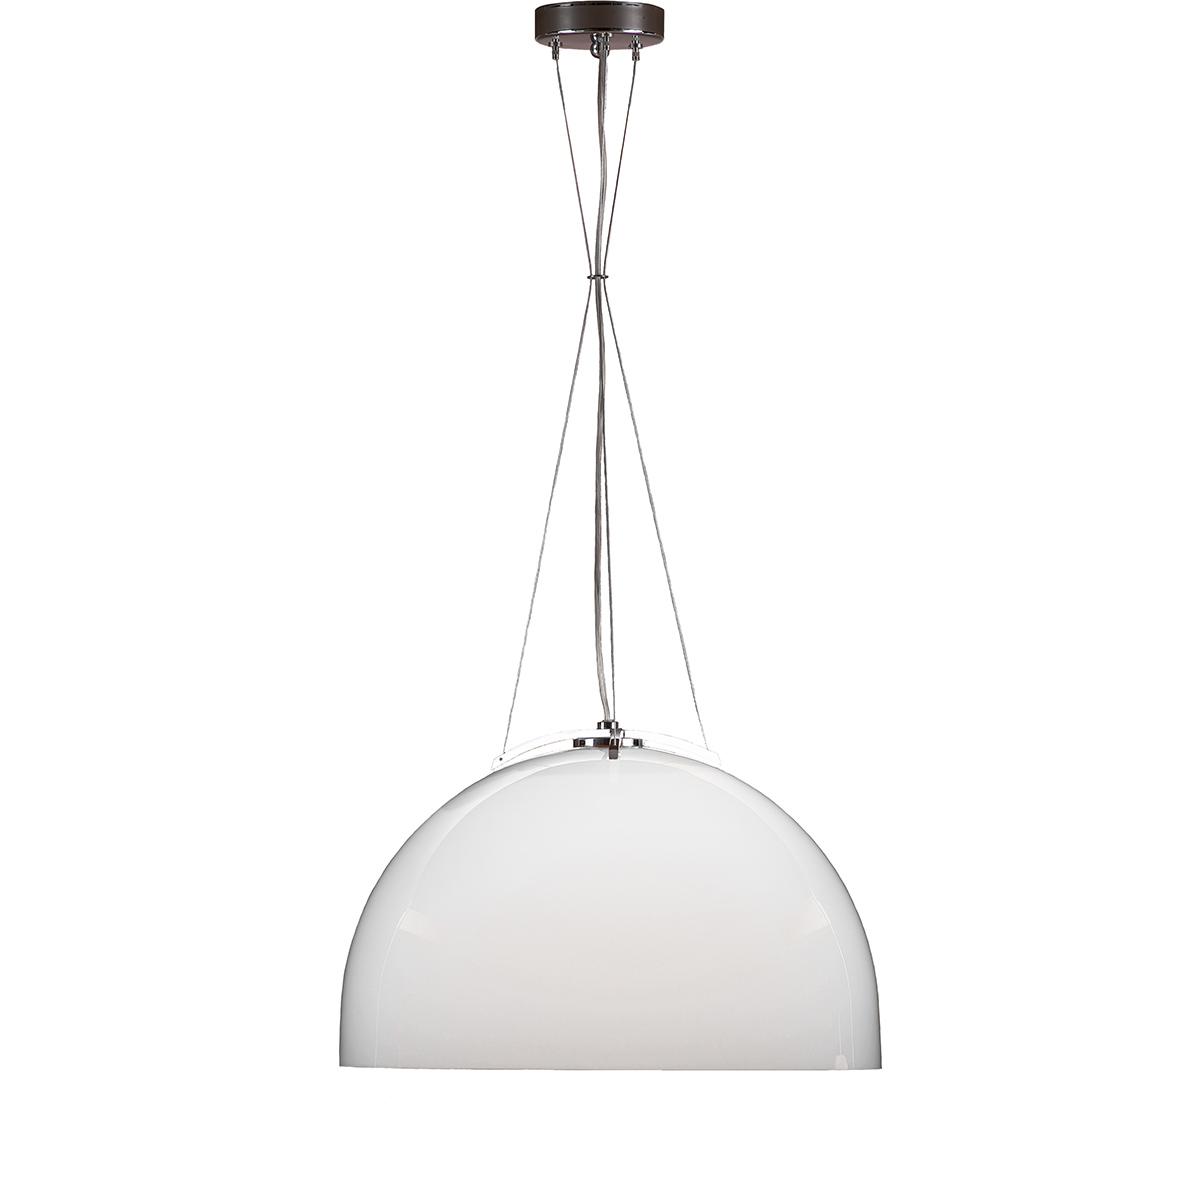 Μοντέρνο φωτιστικό Μουράνο λευκό MARS modern white Murano suspension lamp